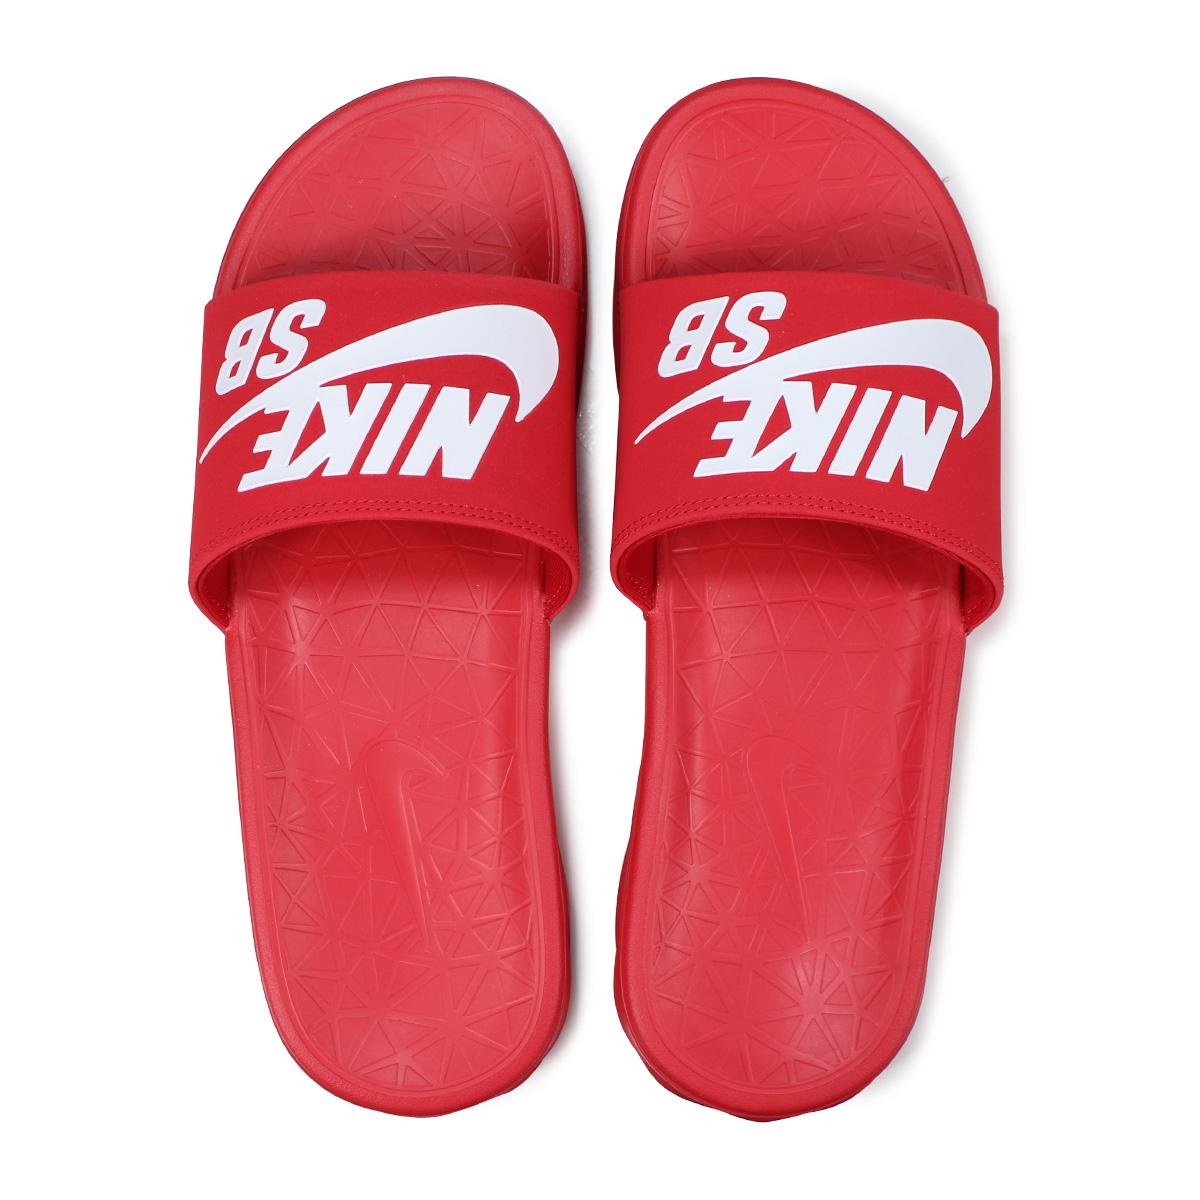 05056ab578f0 NIKE BENASSI SOLARSOFT SLIDE Nike SB サンダルベナッシシャワーサンダルスポーツメンズレディース  840